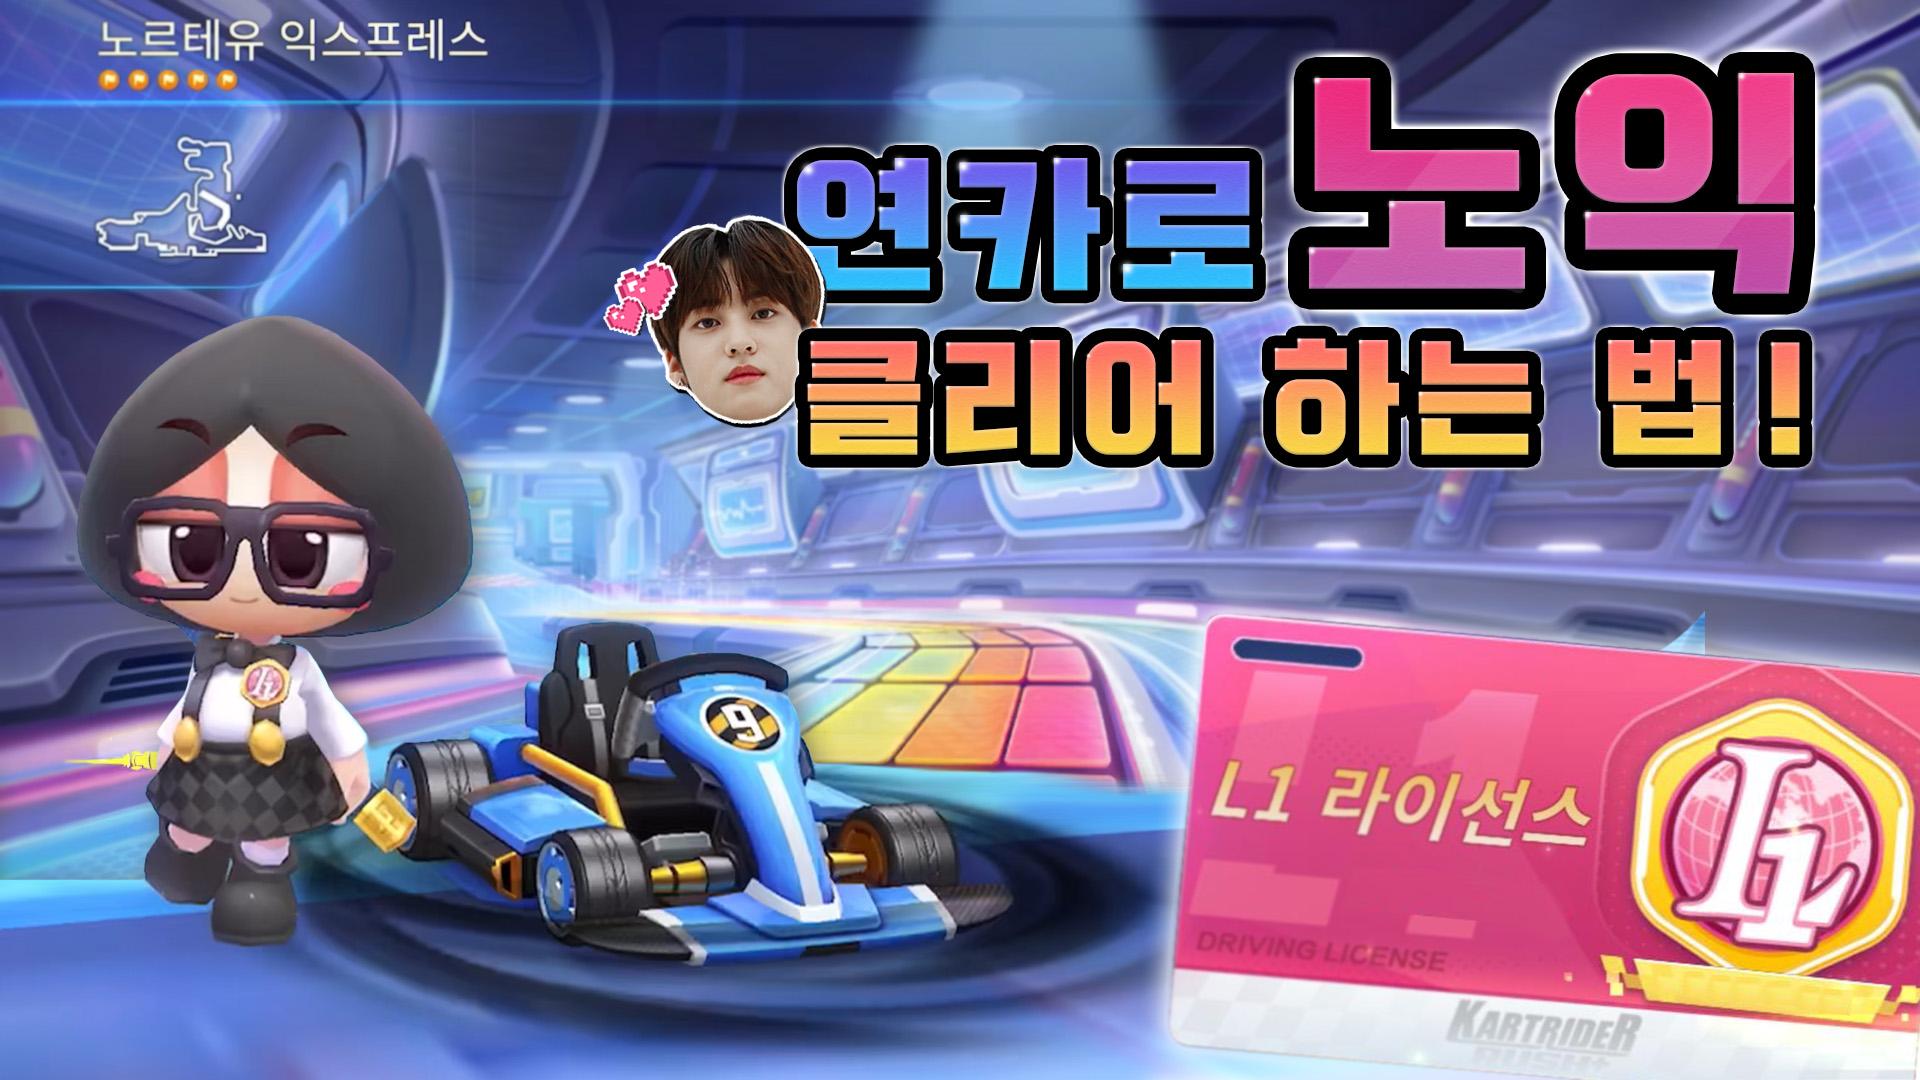 송유빈 (비오브유) - L1 라이선스  『노르테유 익스프레스』 '연습카트'로 클리어 하는 법 [카트라이더 러쉬플러스]